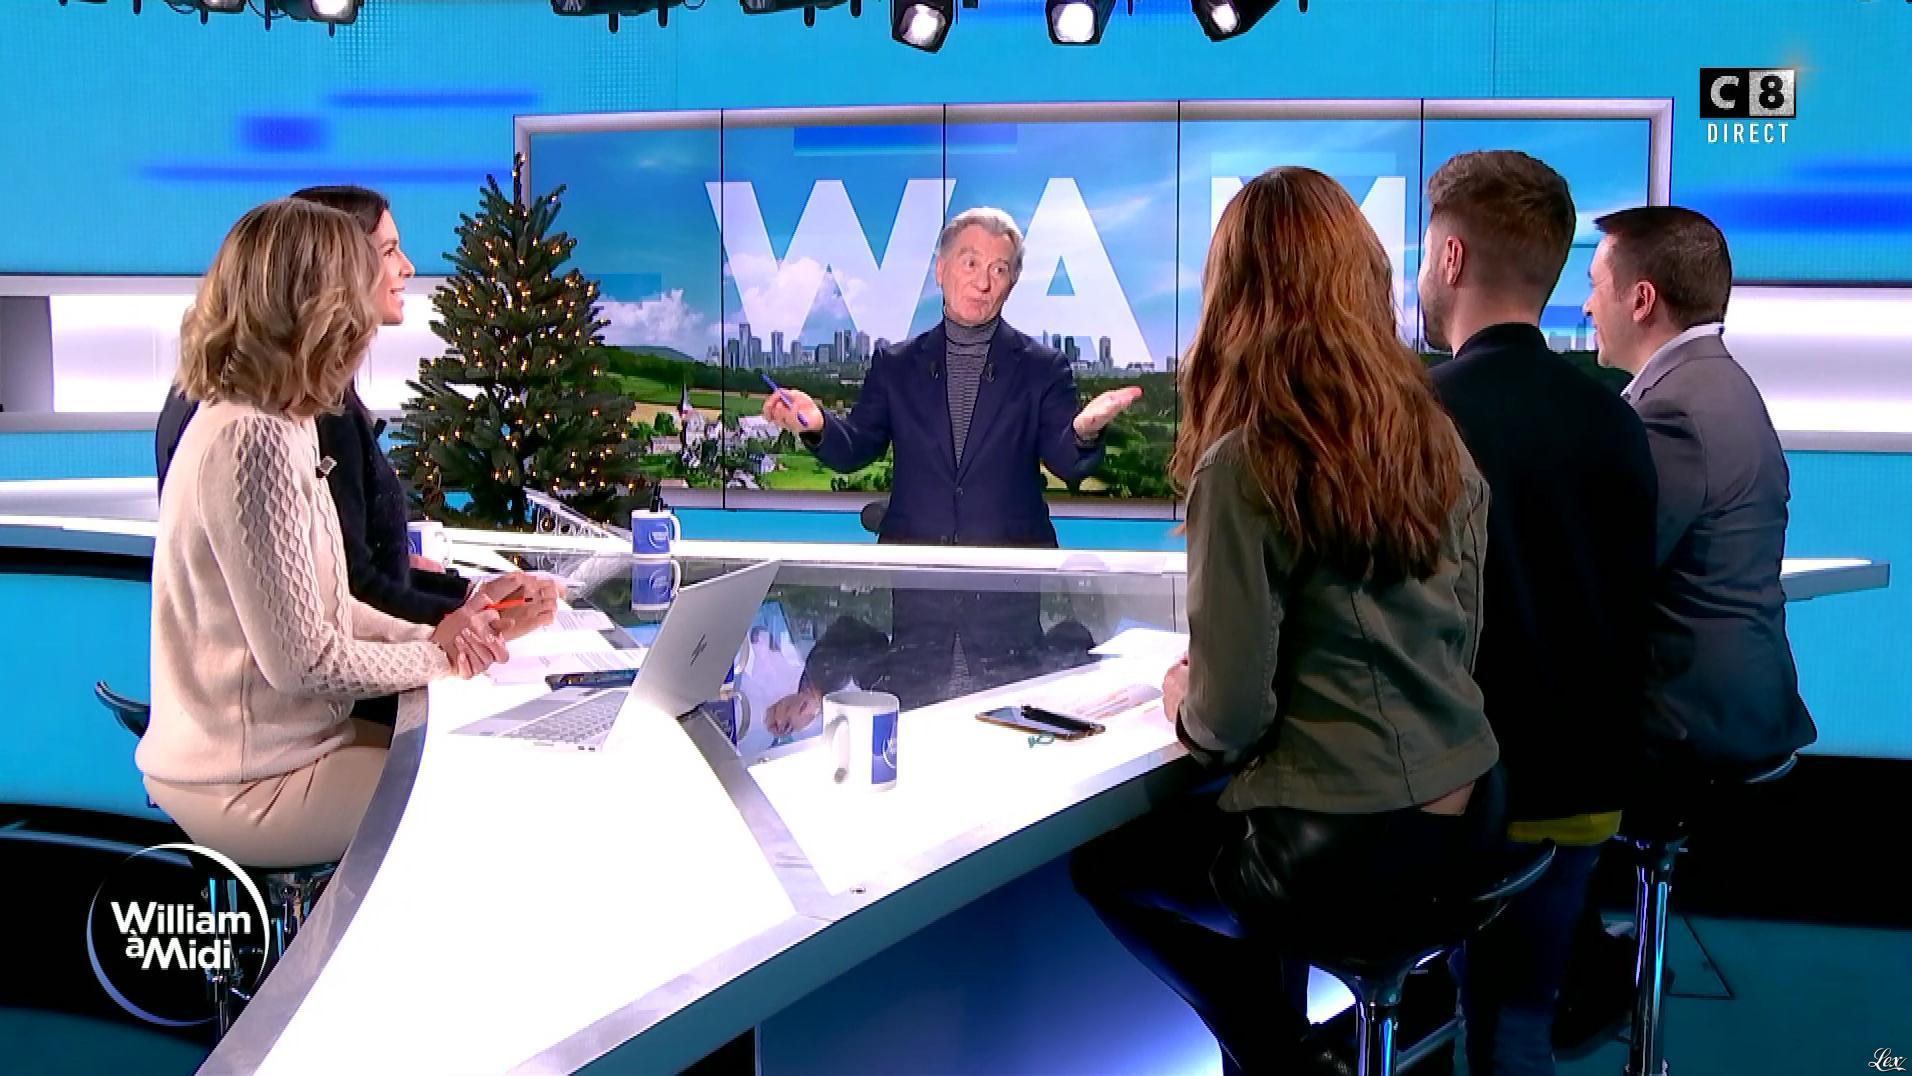 Caroline Delage, Caroline Munoz et Raphaële Marchal dans William à Midi. Diffusé à la télévision le 19/12/19.